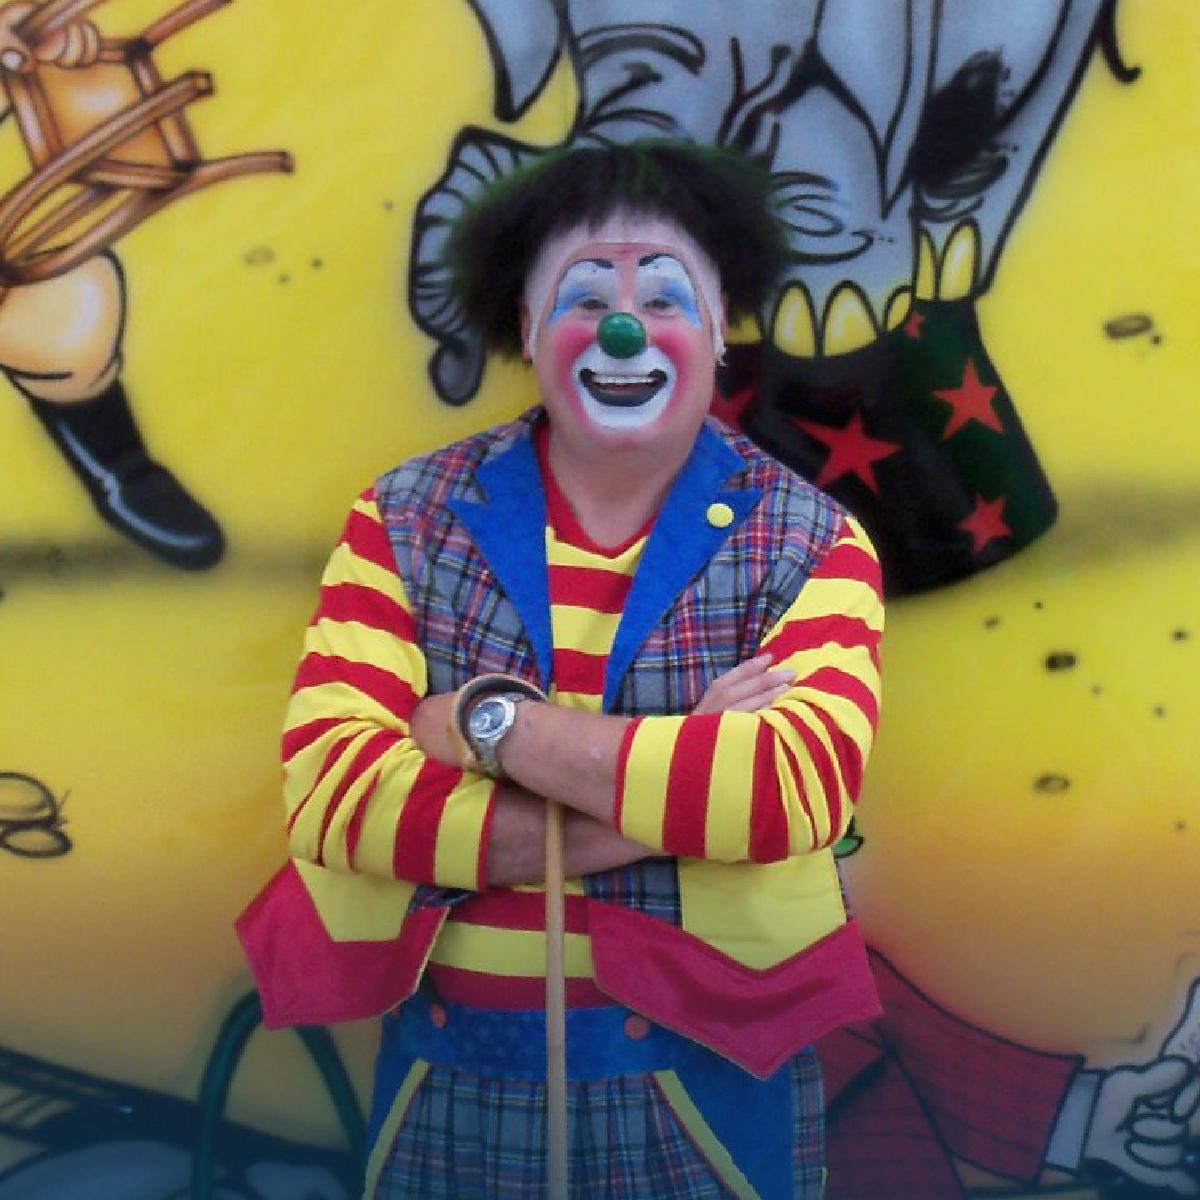 Boo-boo-the-clown